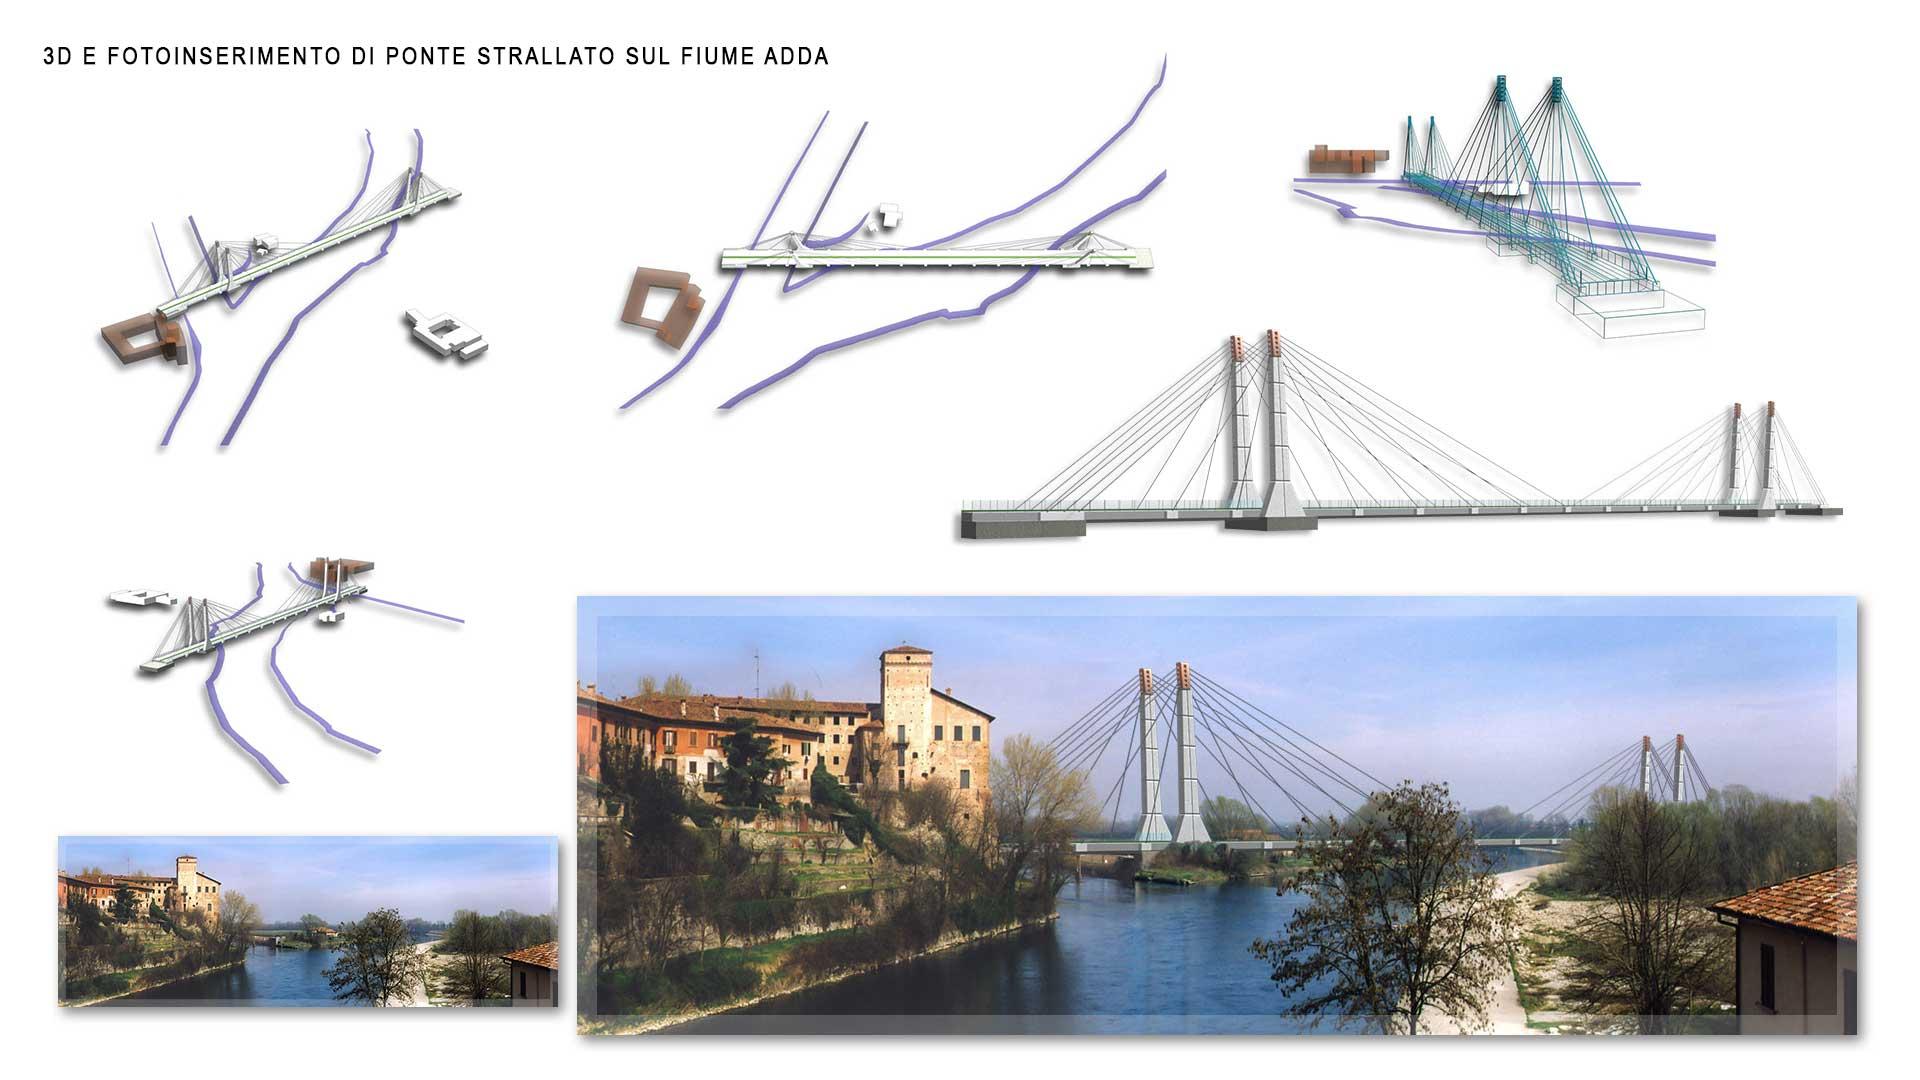 Ponte sul fiume Adda